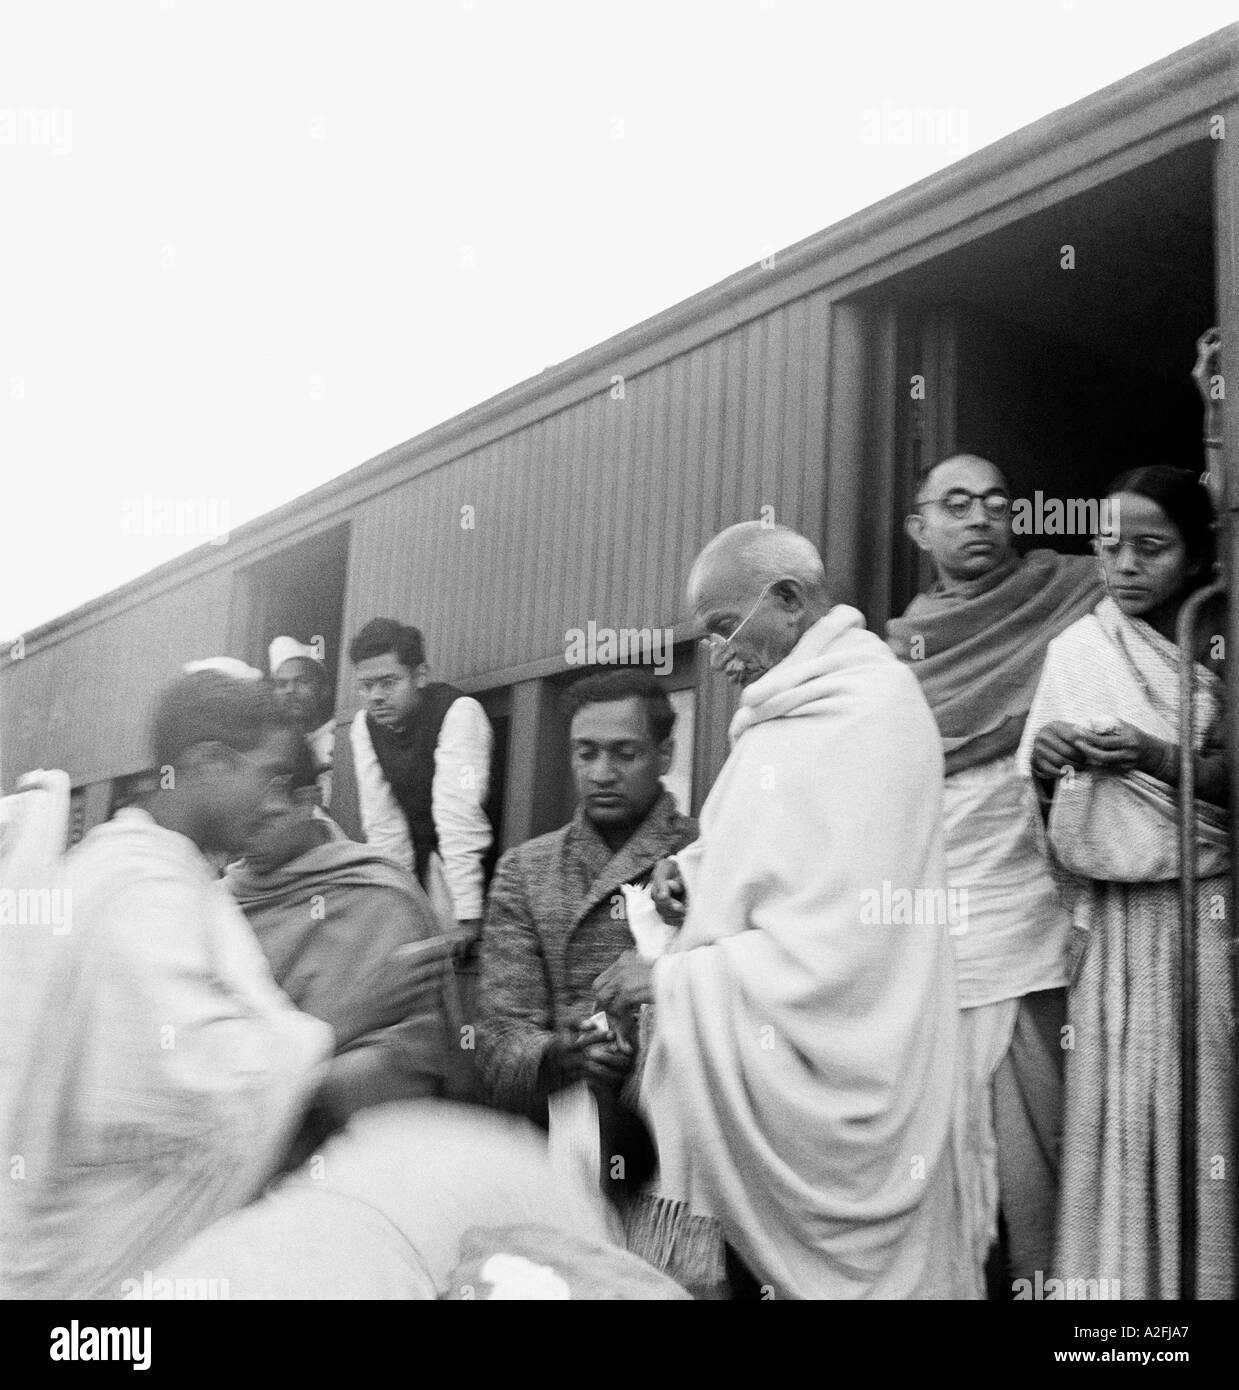 Il Mahatma Gandhi raccolta fondi per intoccabili in corrispondenza di una stazione ferroviaria per il suo modo di Assam India Immagini Stock